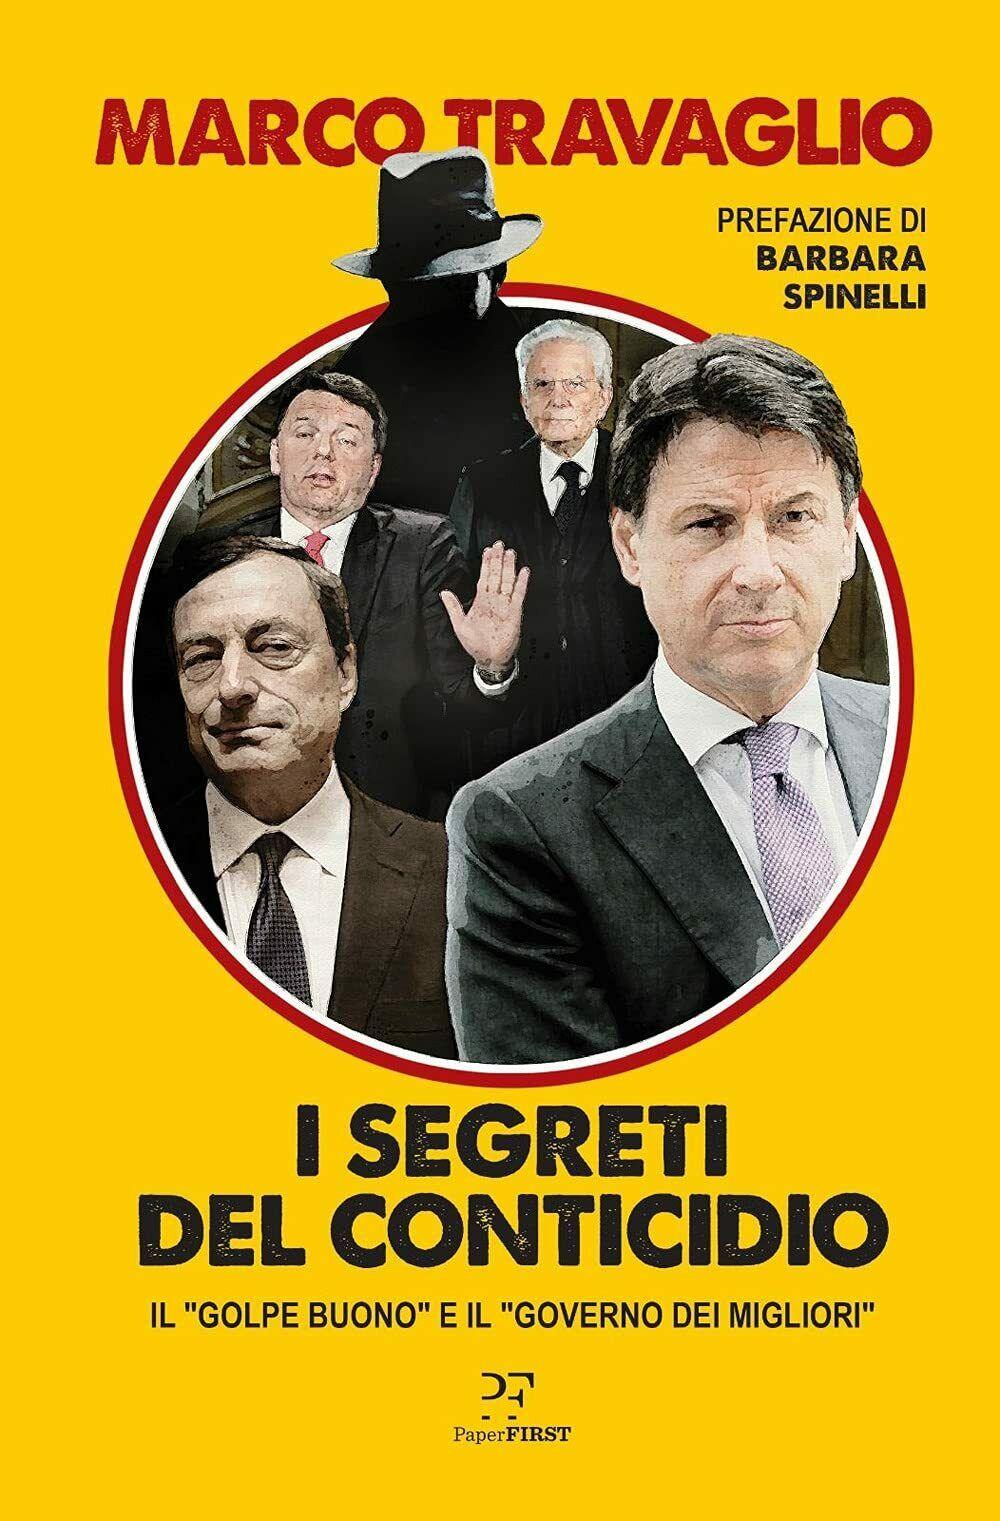 """""""I Segreti del Conticidio"""", l'ultima fatica editoriale di Marco Travaglio"""